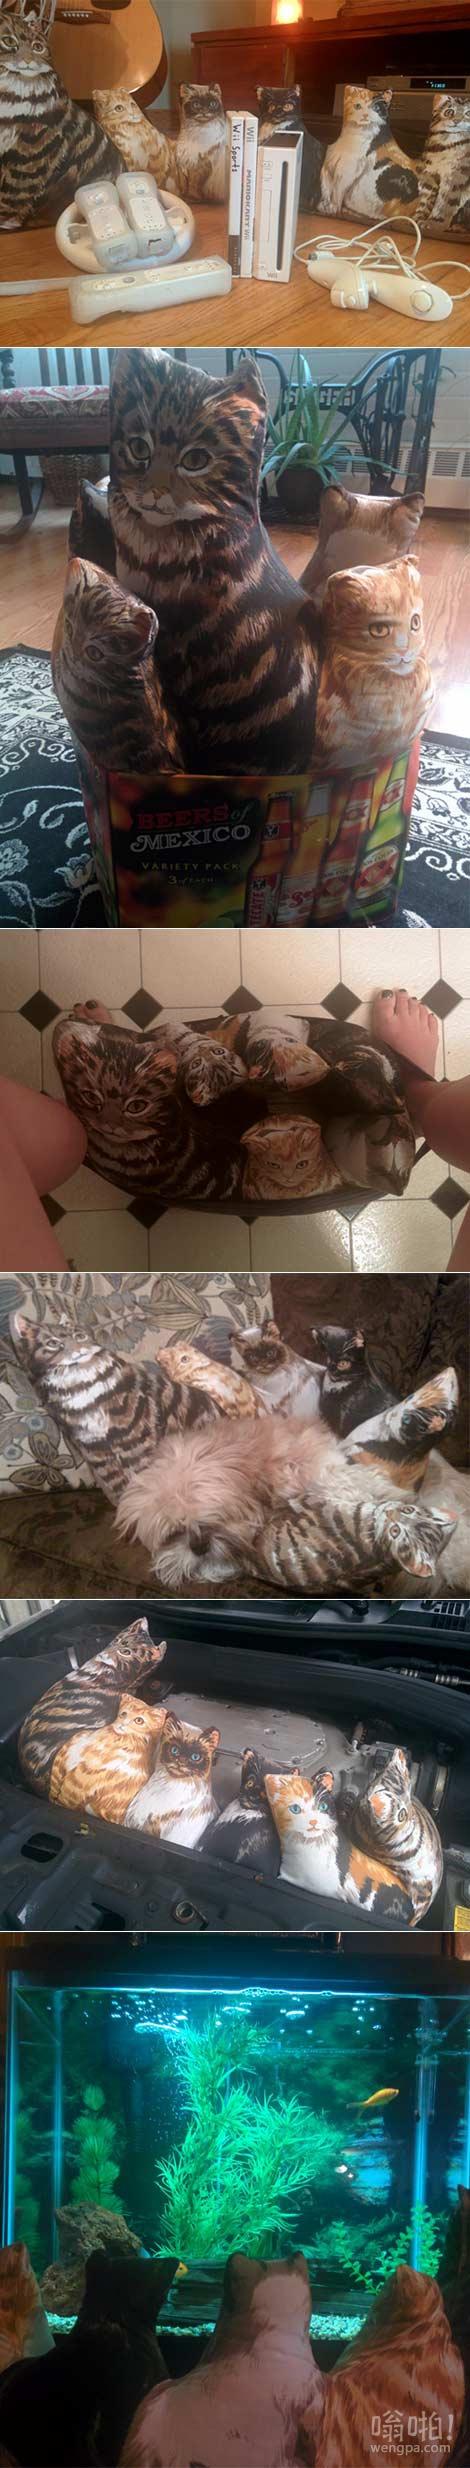 家人对猫过敏,而我又喜欢猫怎么办